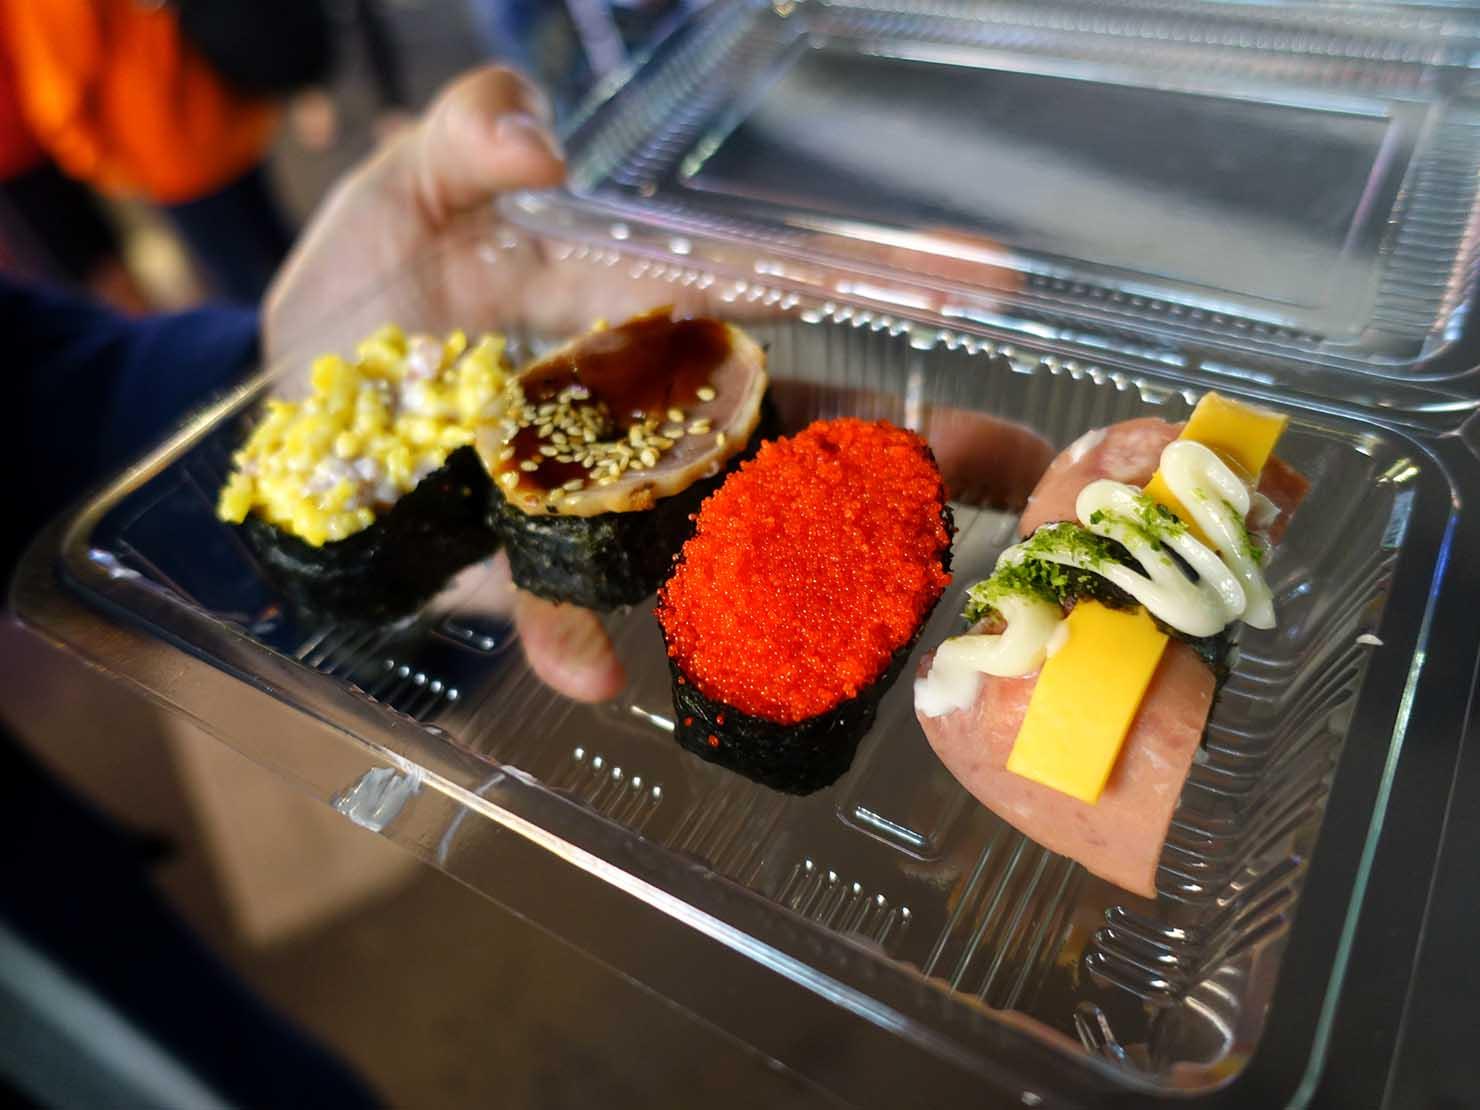 台湾の夜市で食べられる日本グルメ「10元寿司」の握り寿司たち